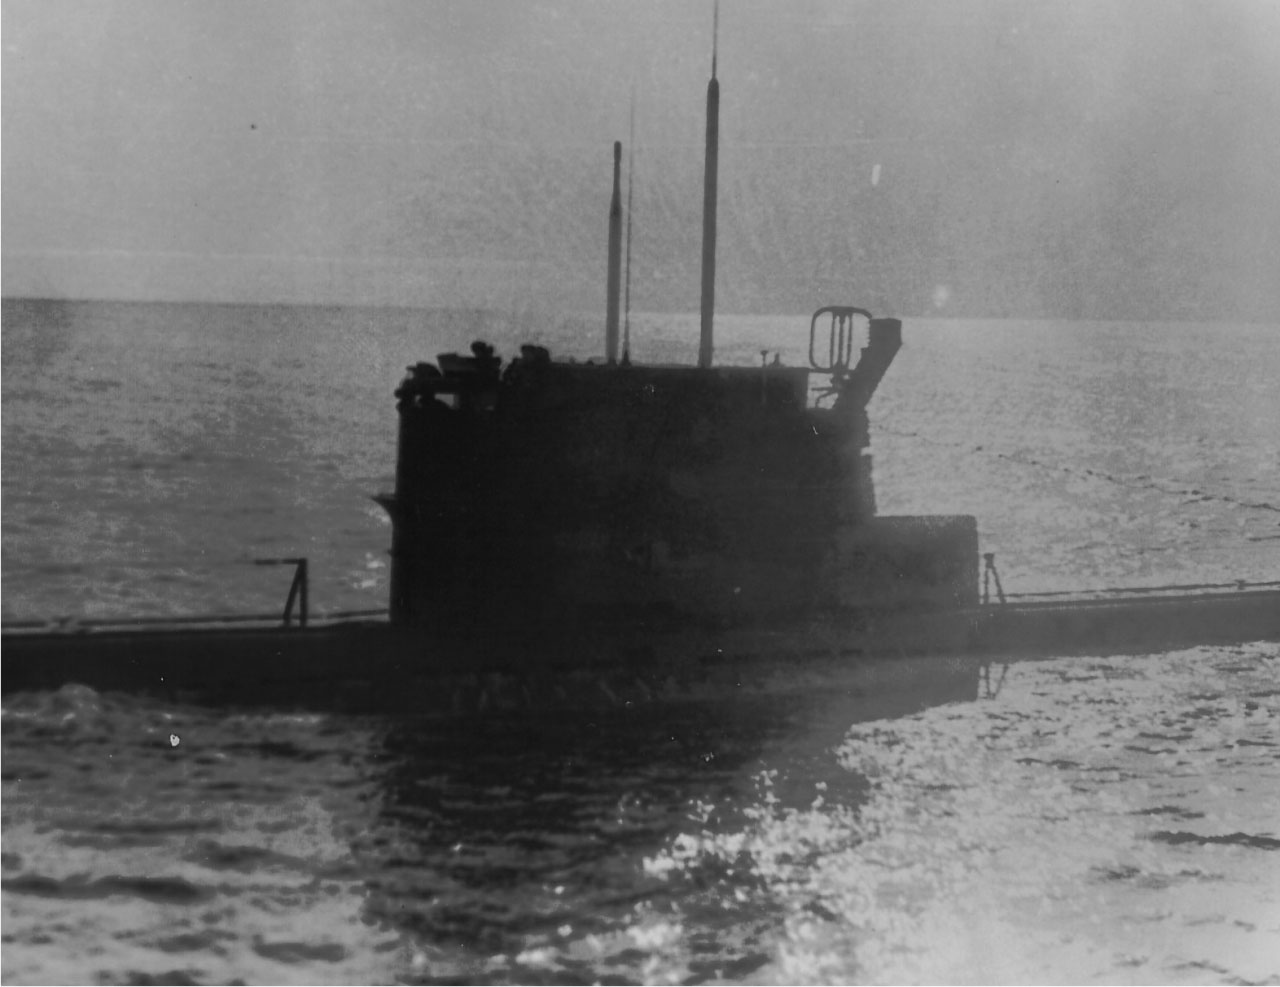 Лодка С-176 в точке погружения перед проверкой на шумность в 1983 году. Авачинский залив.